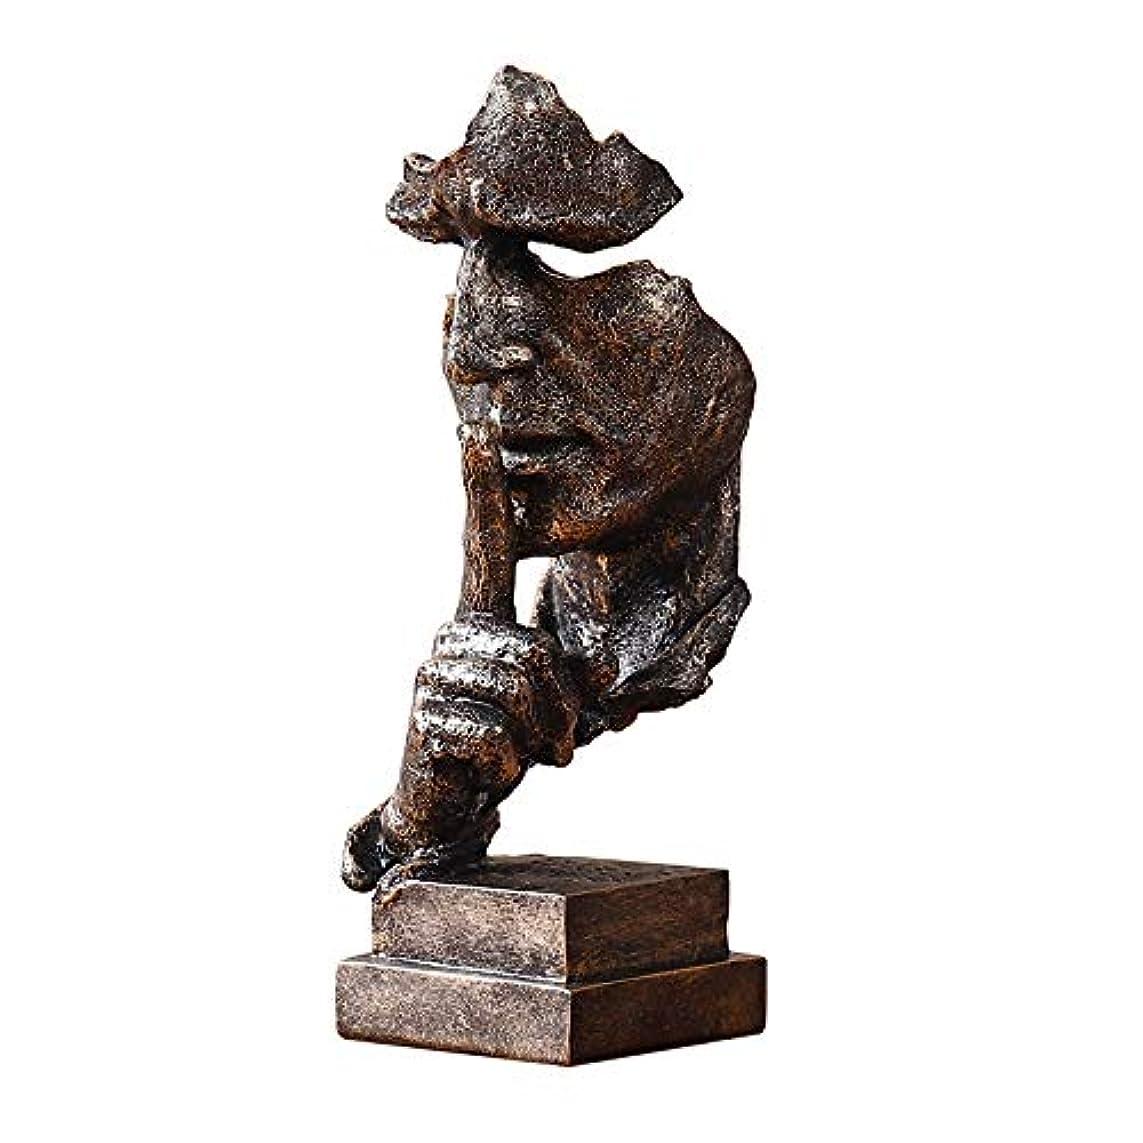 郵便局属性バルク樹脂抽象彫刻沈黙はゴールデン男性像キャラクター工芸品装飾用オフィスリビングルームアートワーク,Bronze